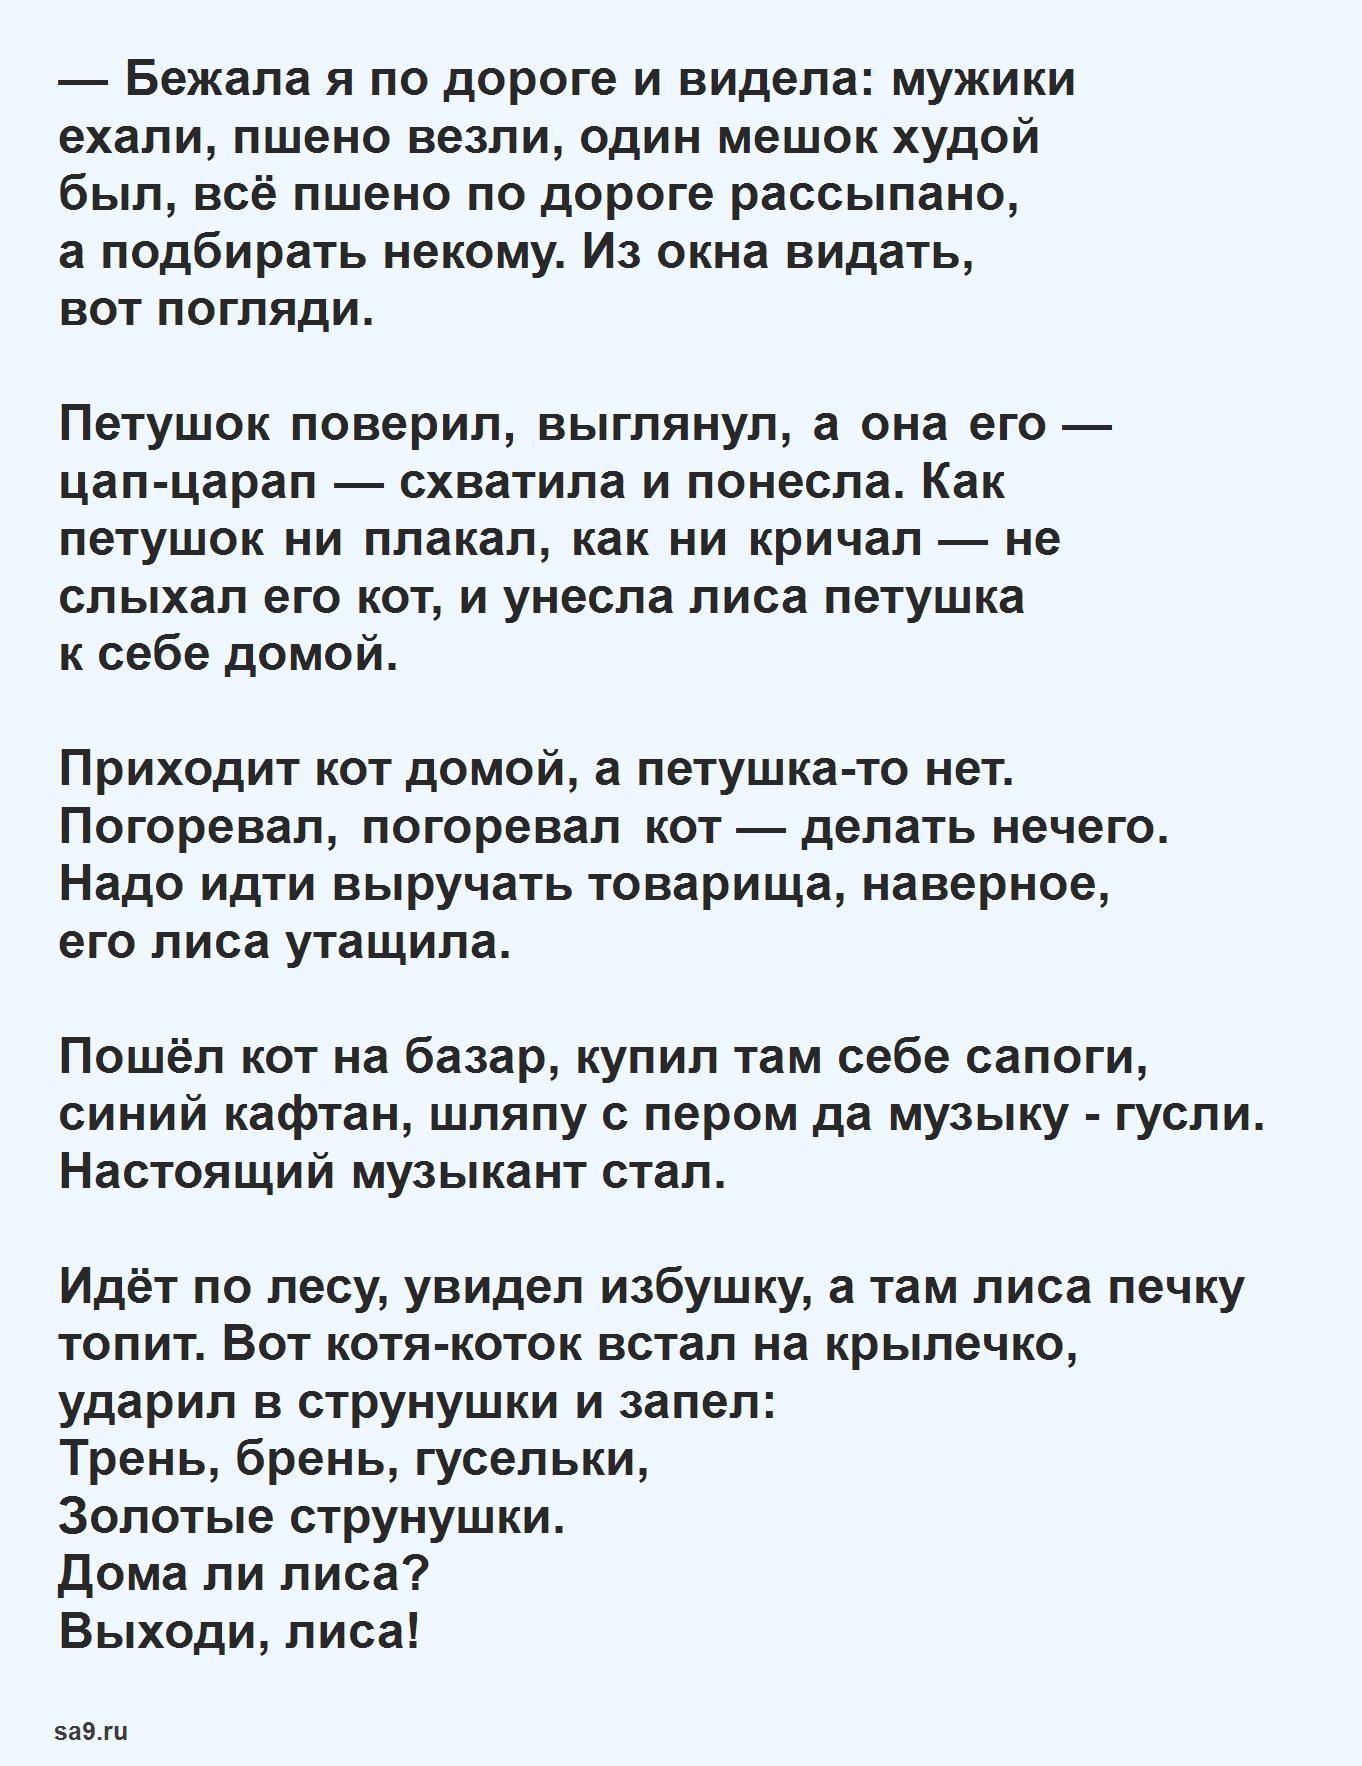 Читать русскую народную сказку - Кот, петух и лиса, для детей